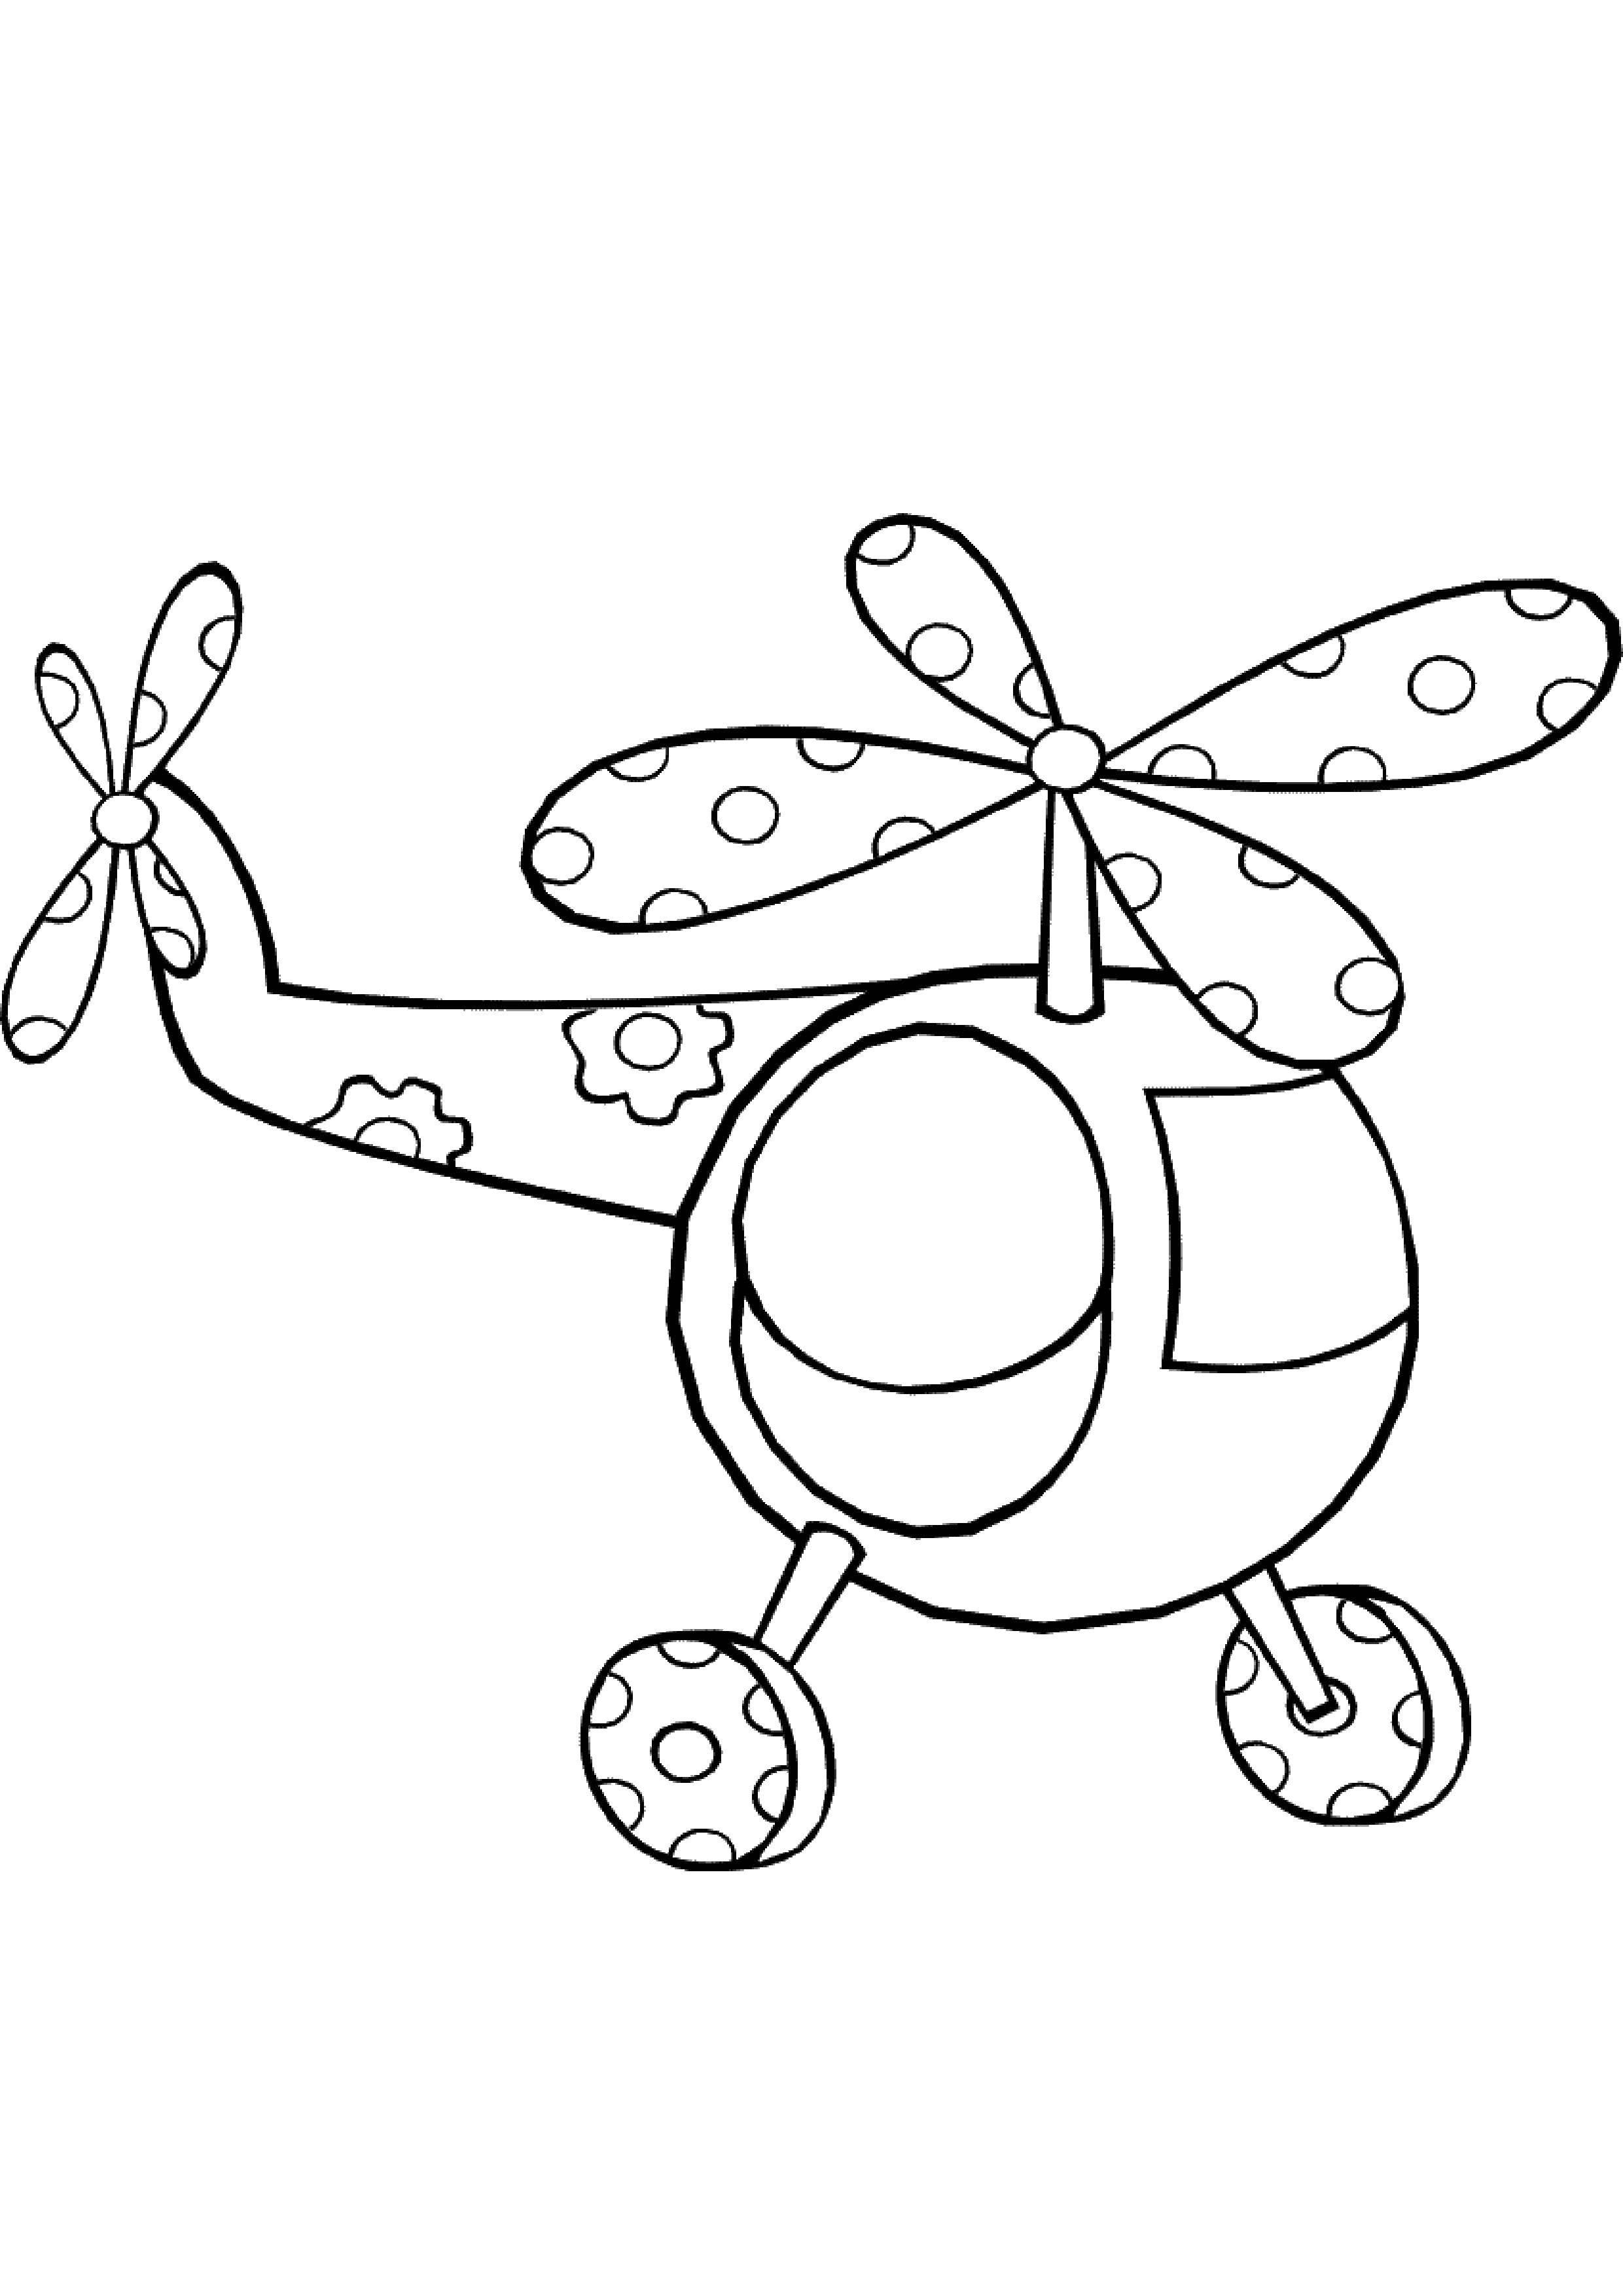 Картинка вертолета по точкам